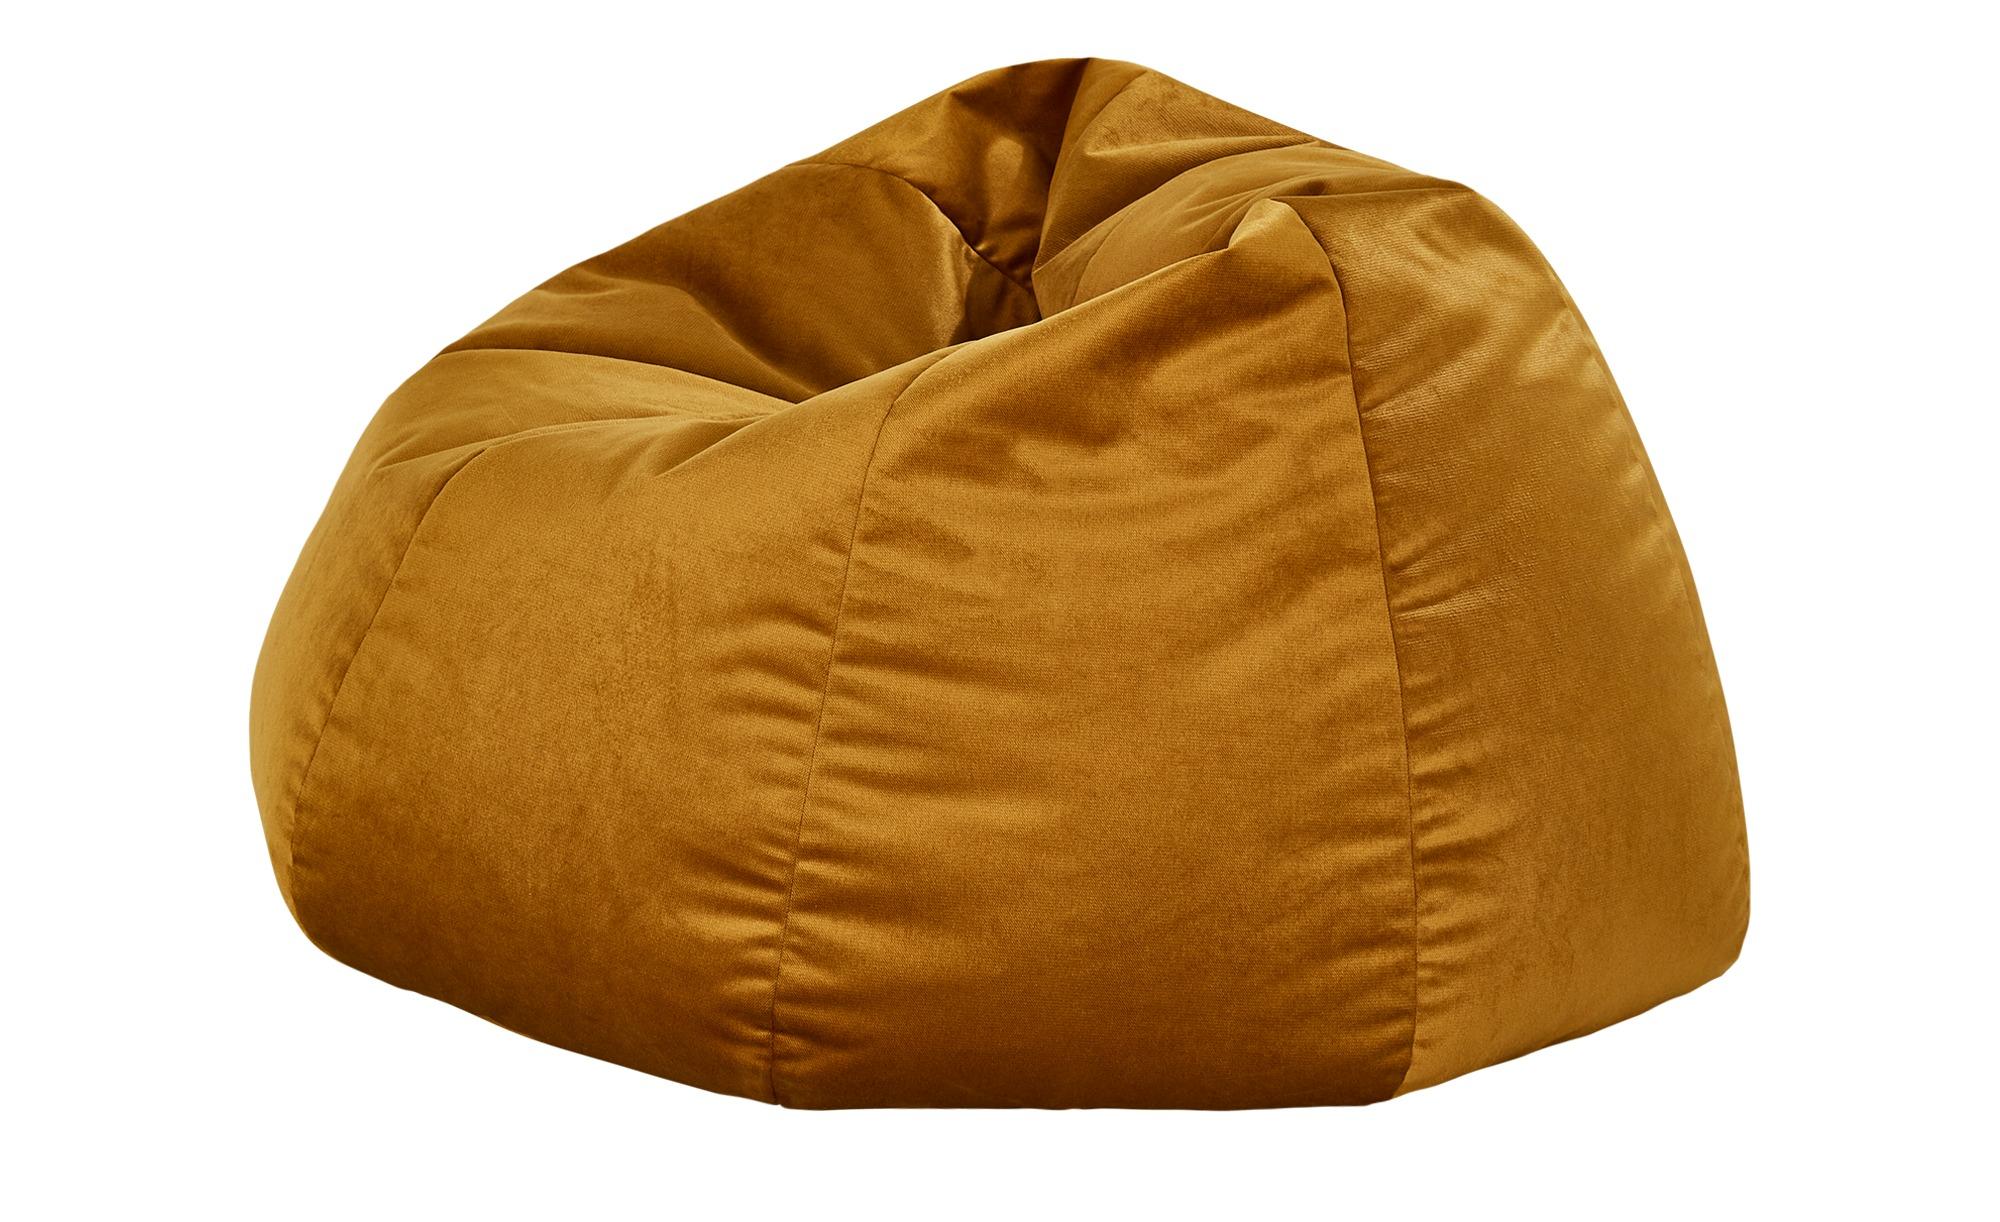 Sitzsack in Gold - Glamour für moderne Ambiente